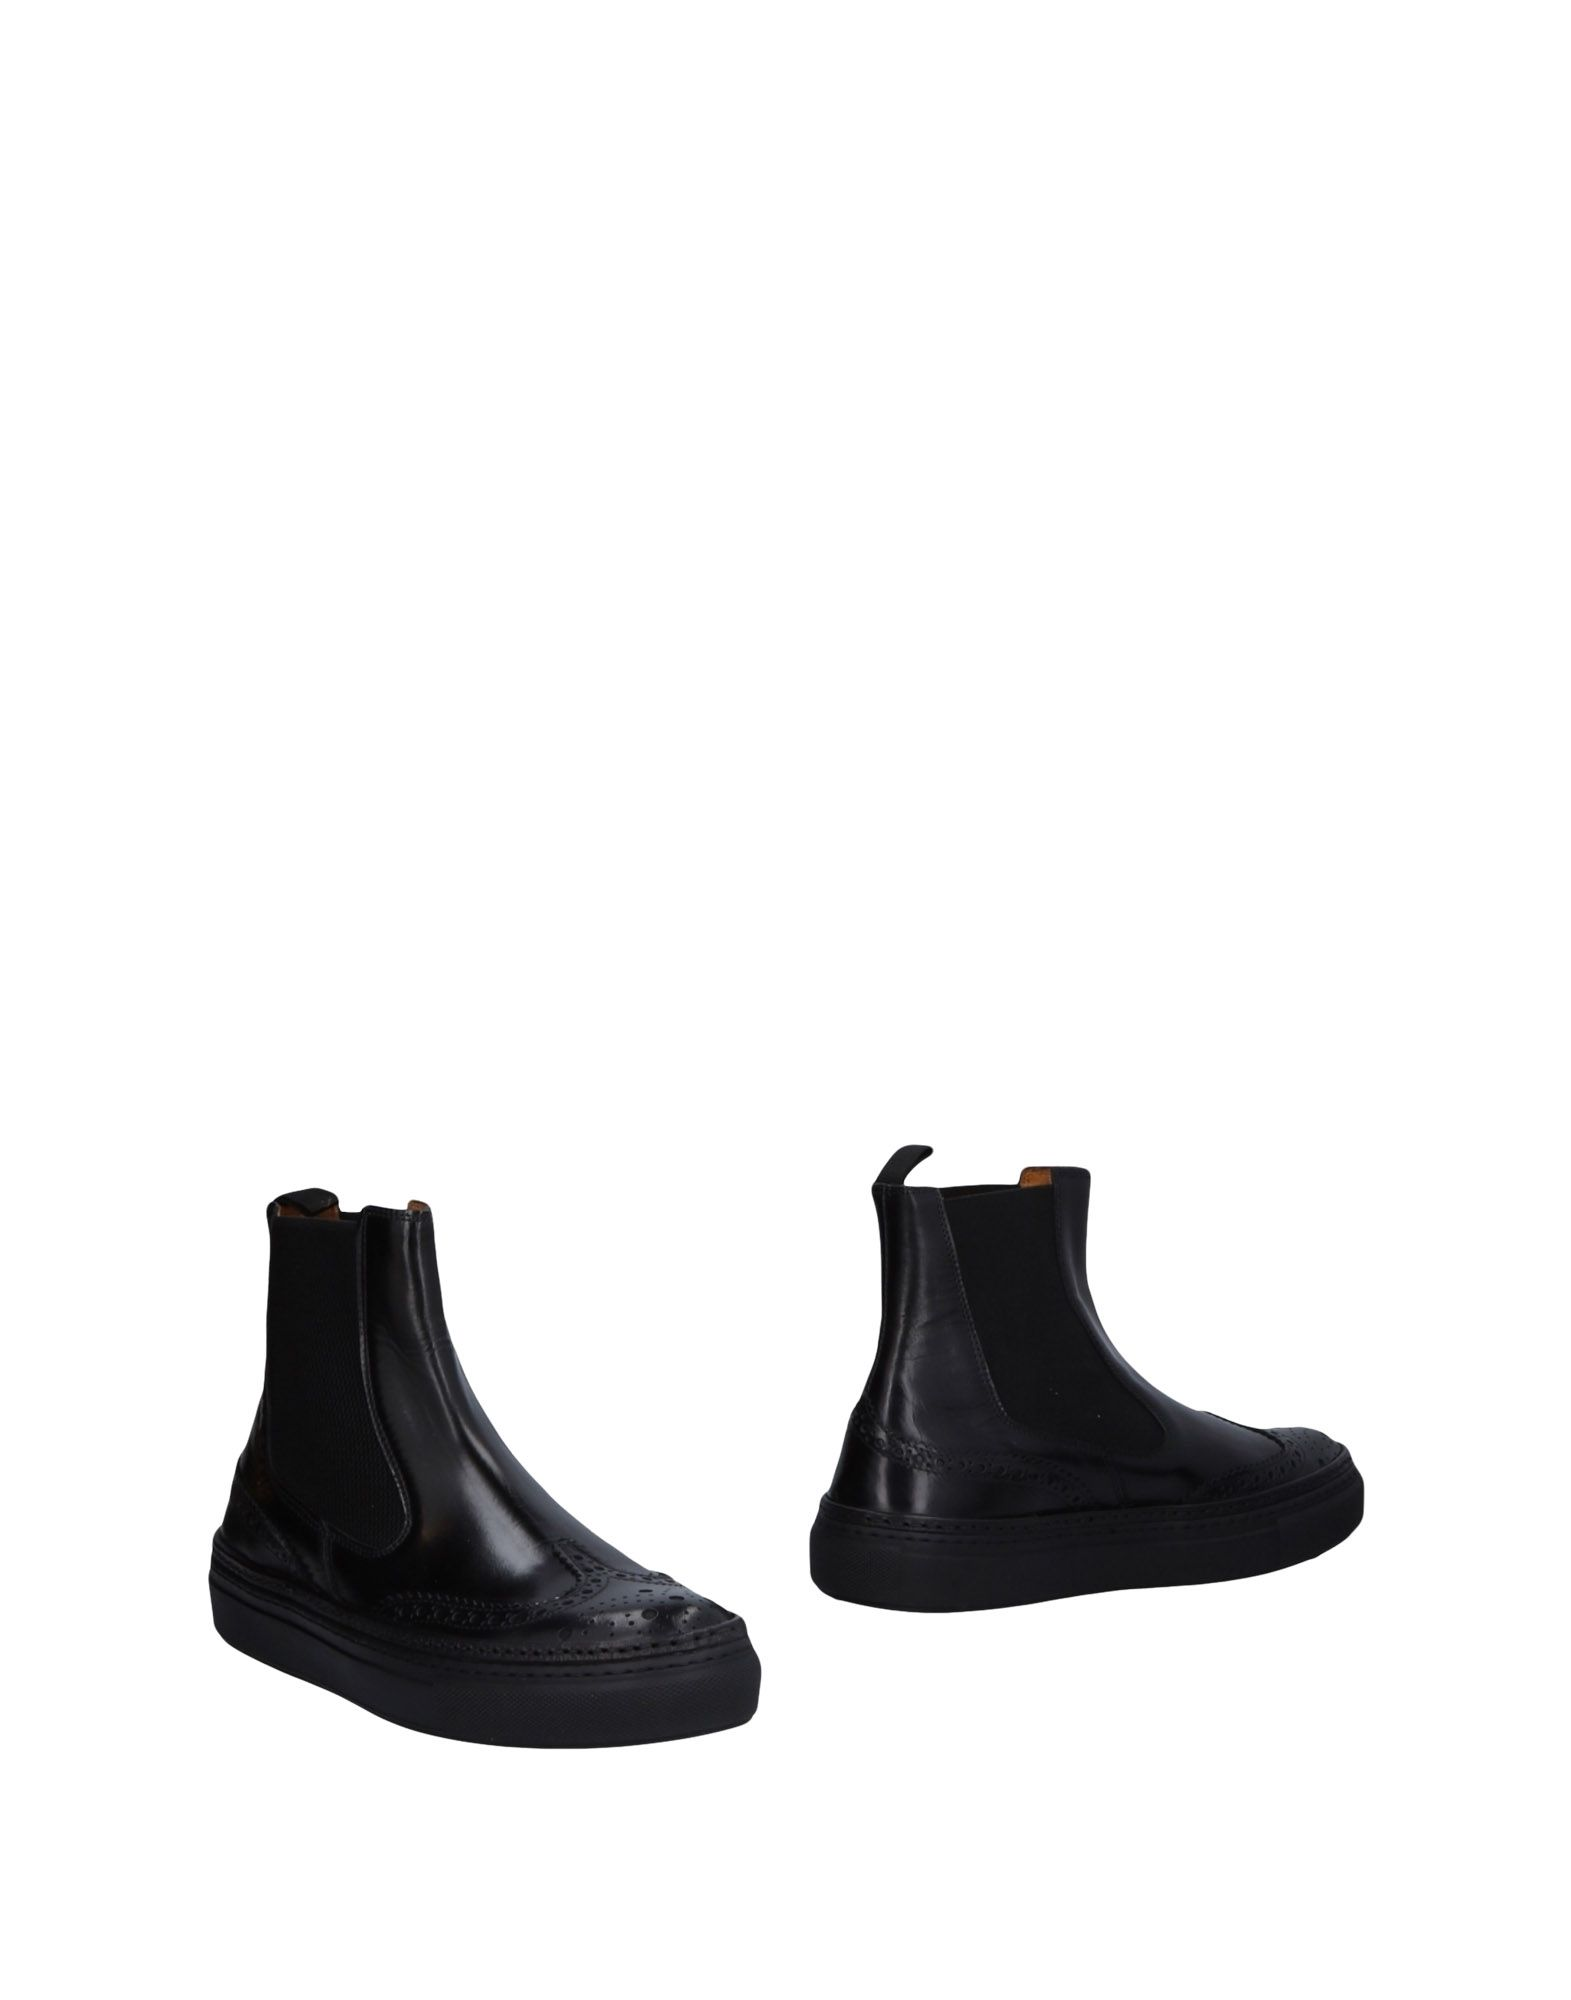 Bottine Pantofola D'oro Homme - Bottines Pantofola D'oro  Noir Confortable et belle